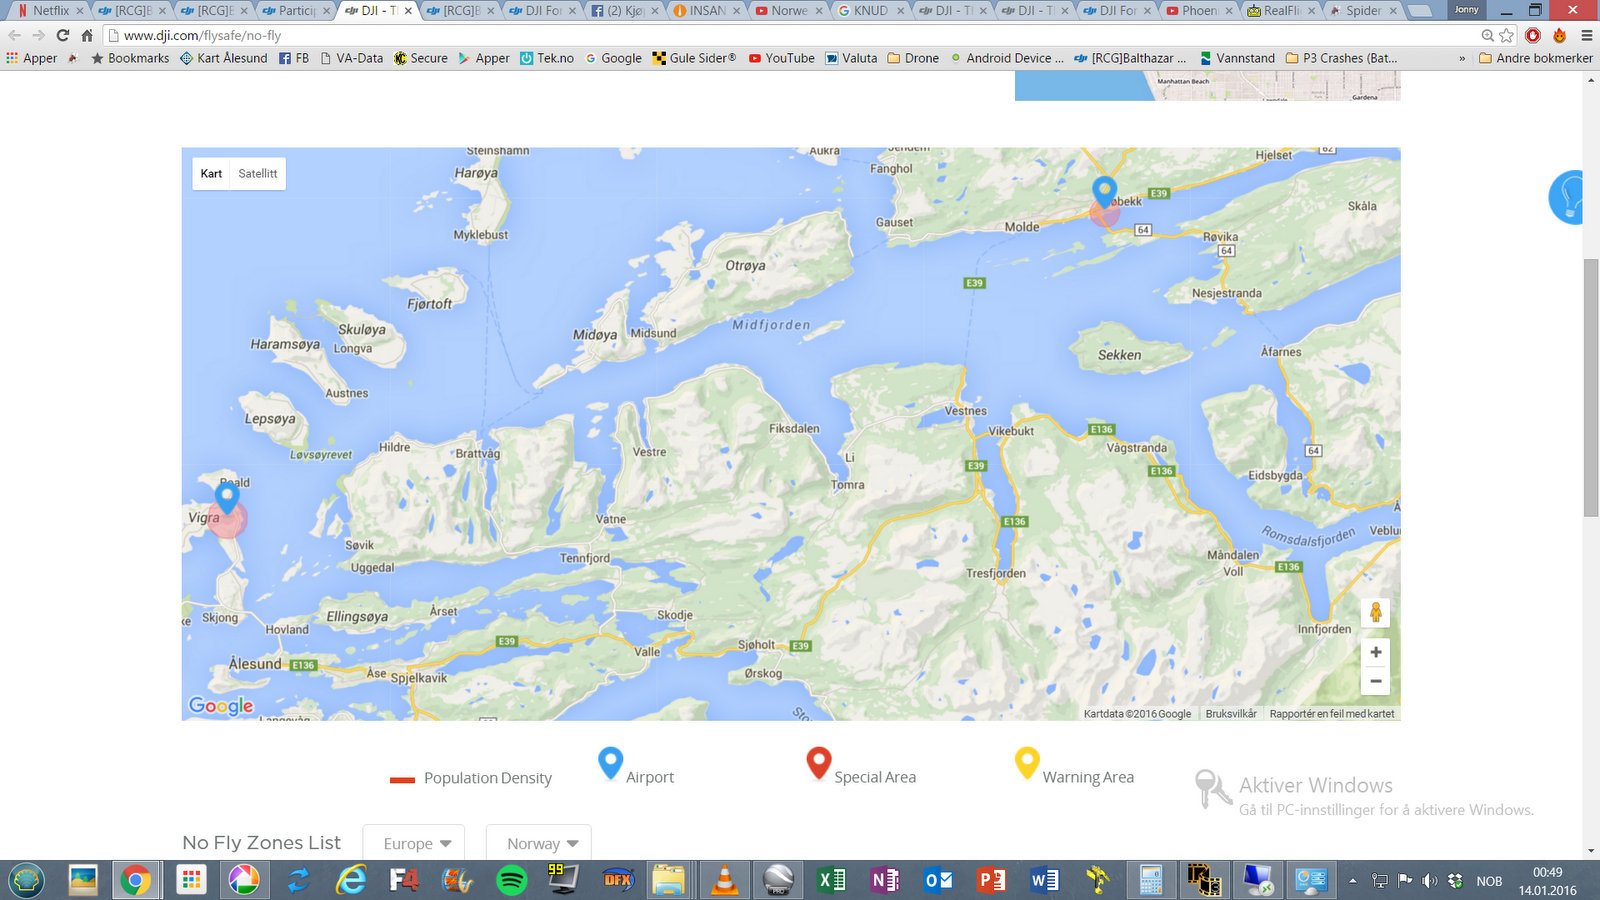 Geomap_reasonable.jpg